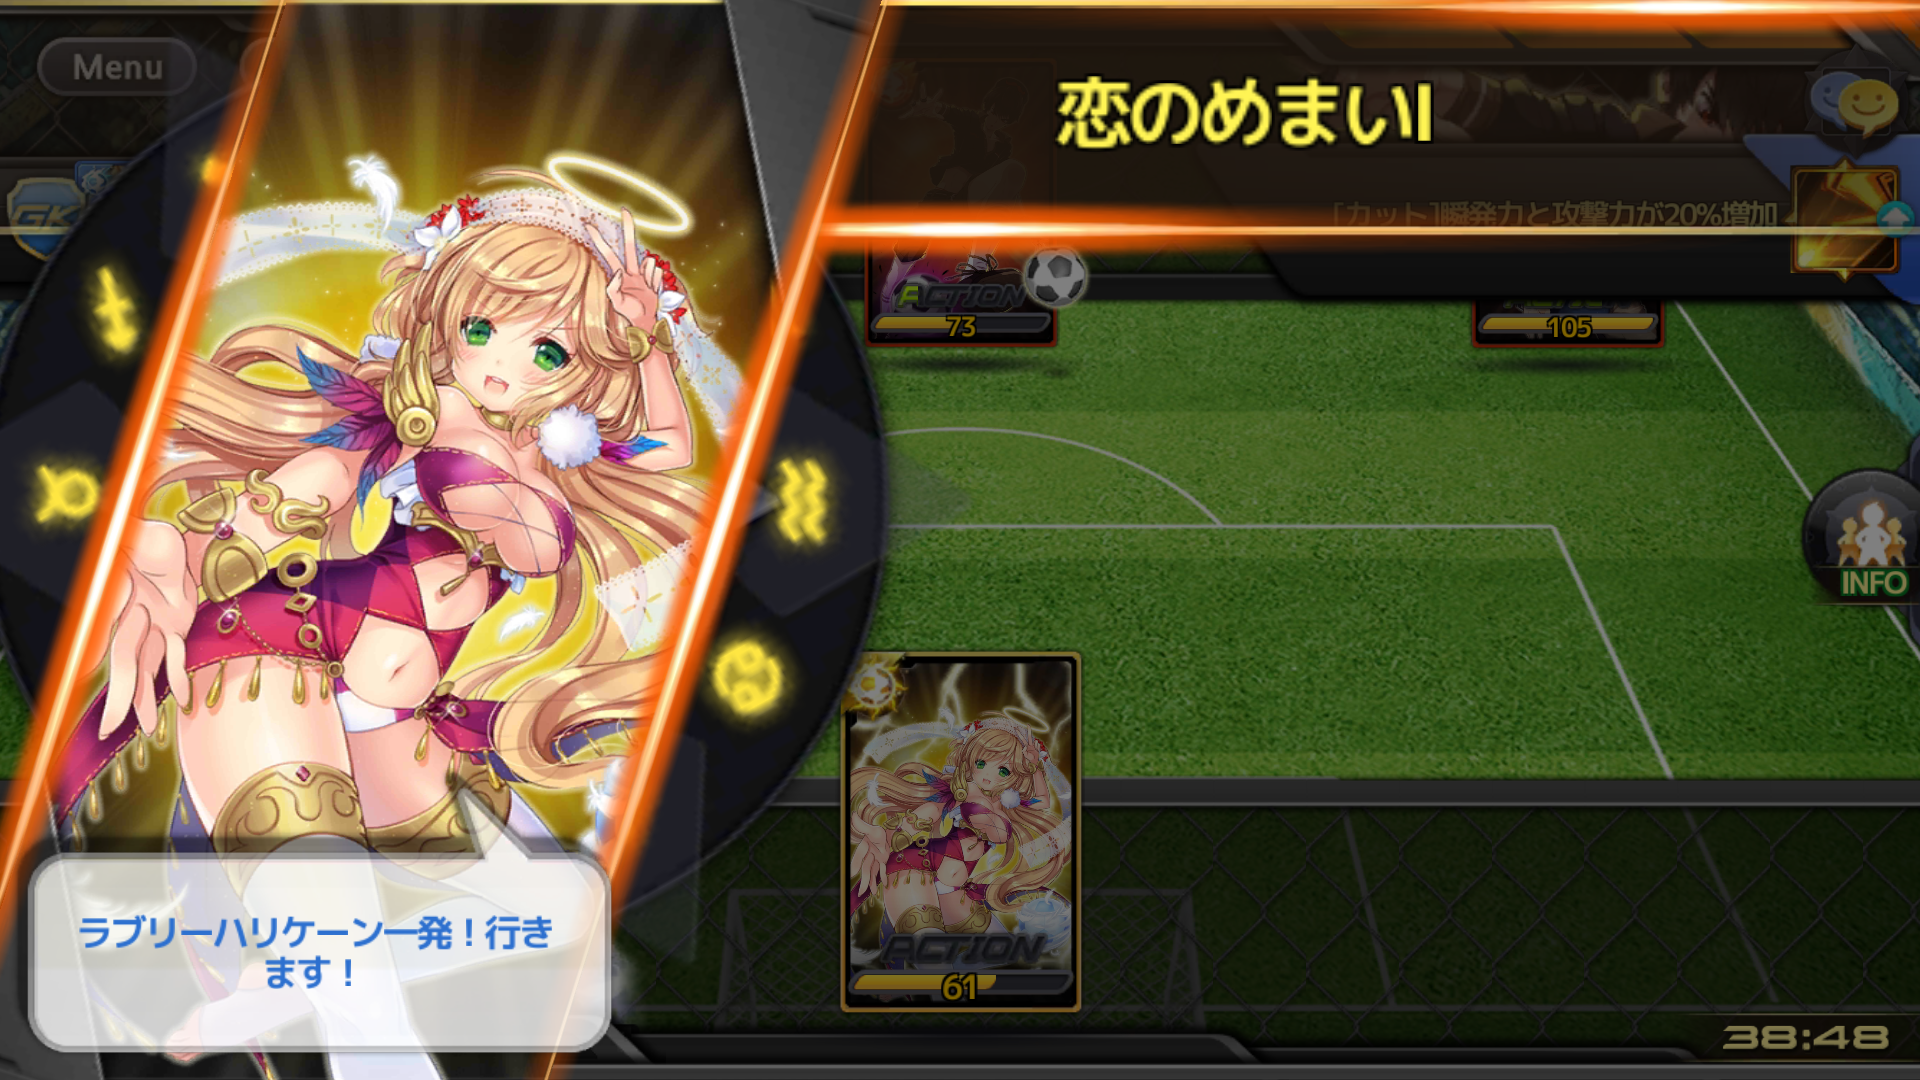 androidアプリ サッカースピリッツ(サカスピ)攻略スクリーンショット5